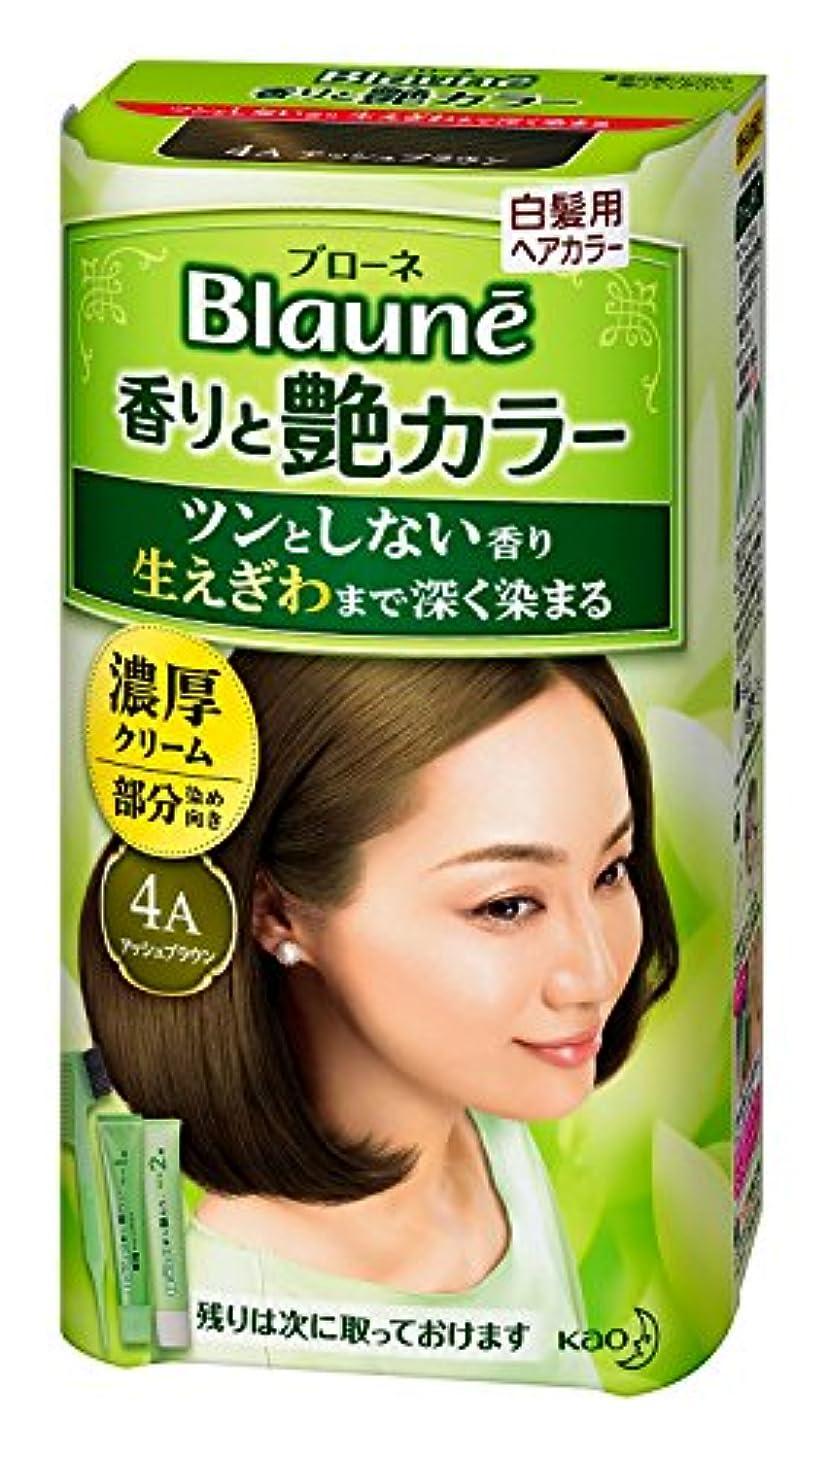 落ち着いてイブメンター【花王】ブローネ 香りと艶カラー クリーム 4A:アッシュブラウン 80g ×10個セット